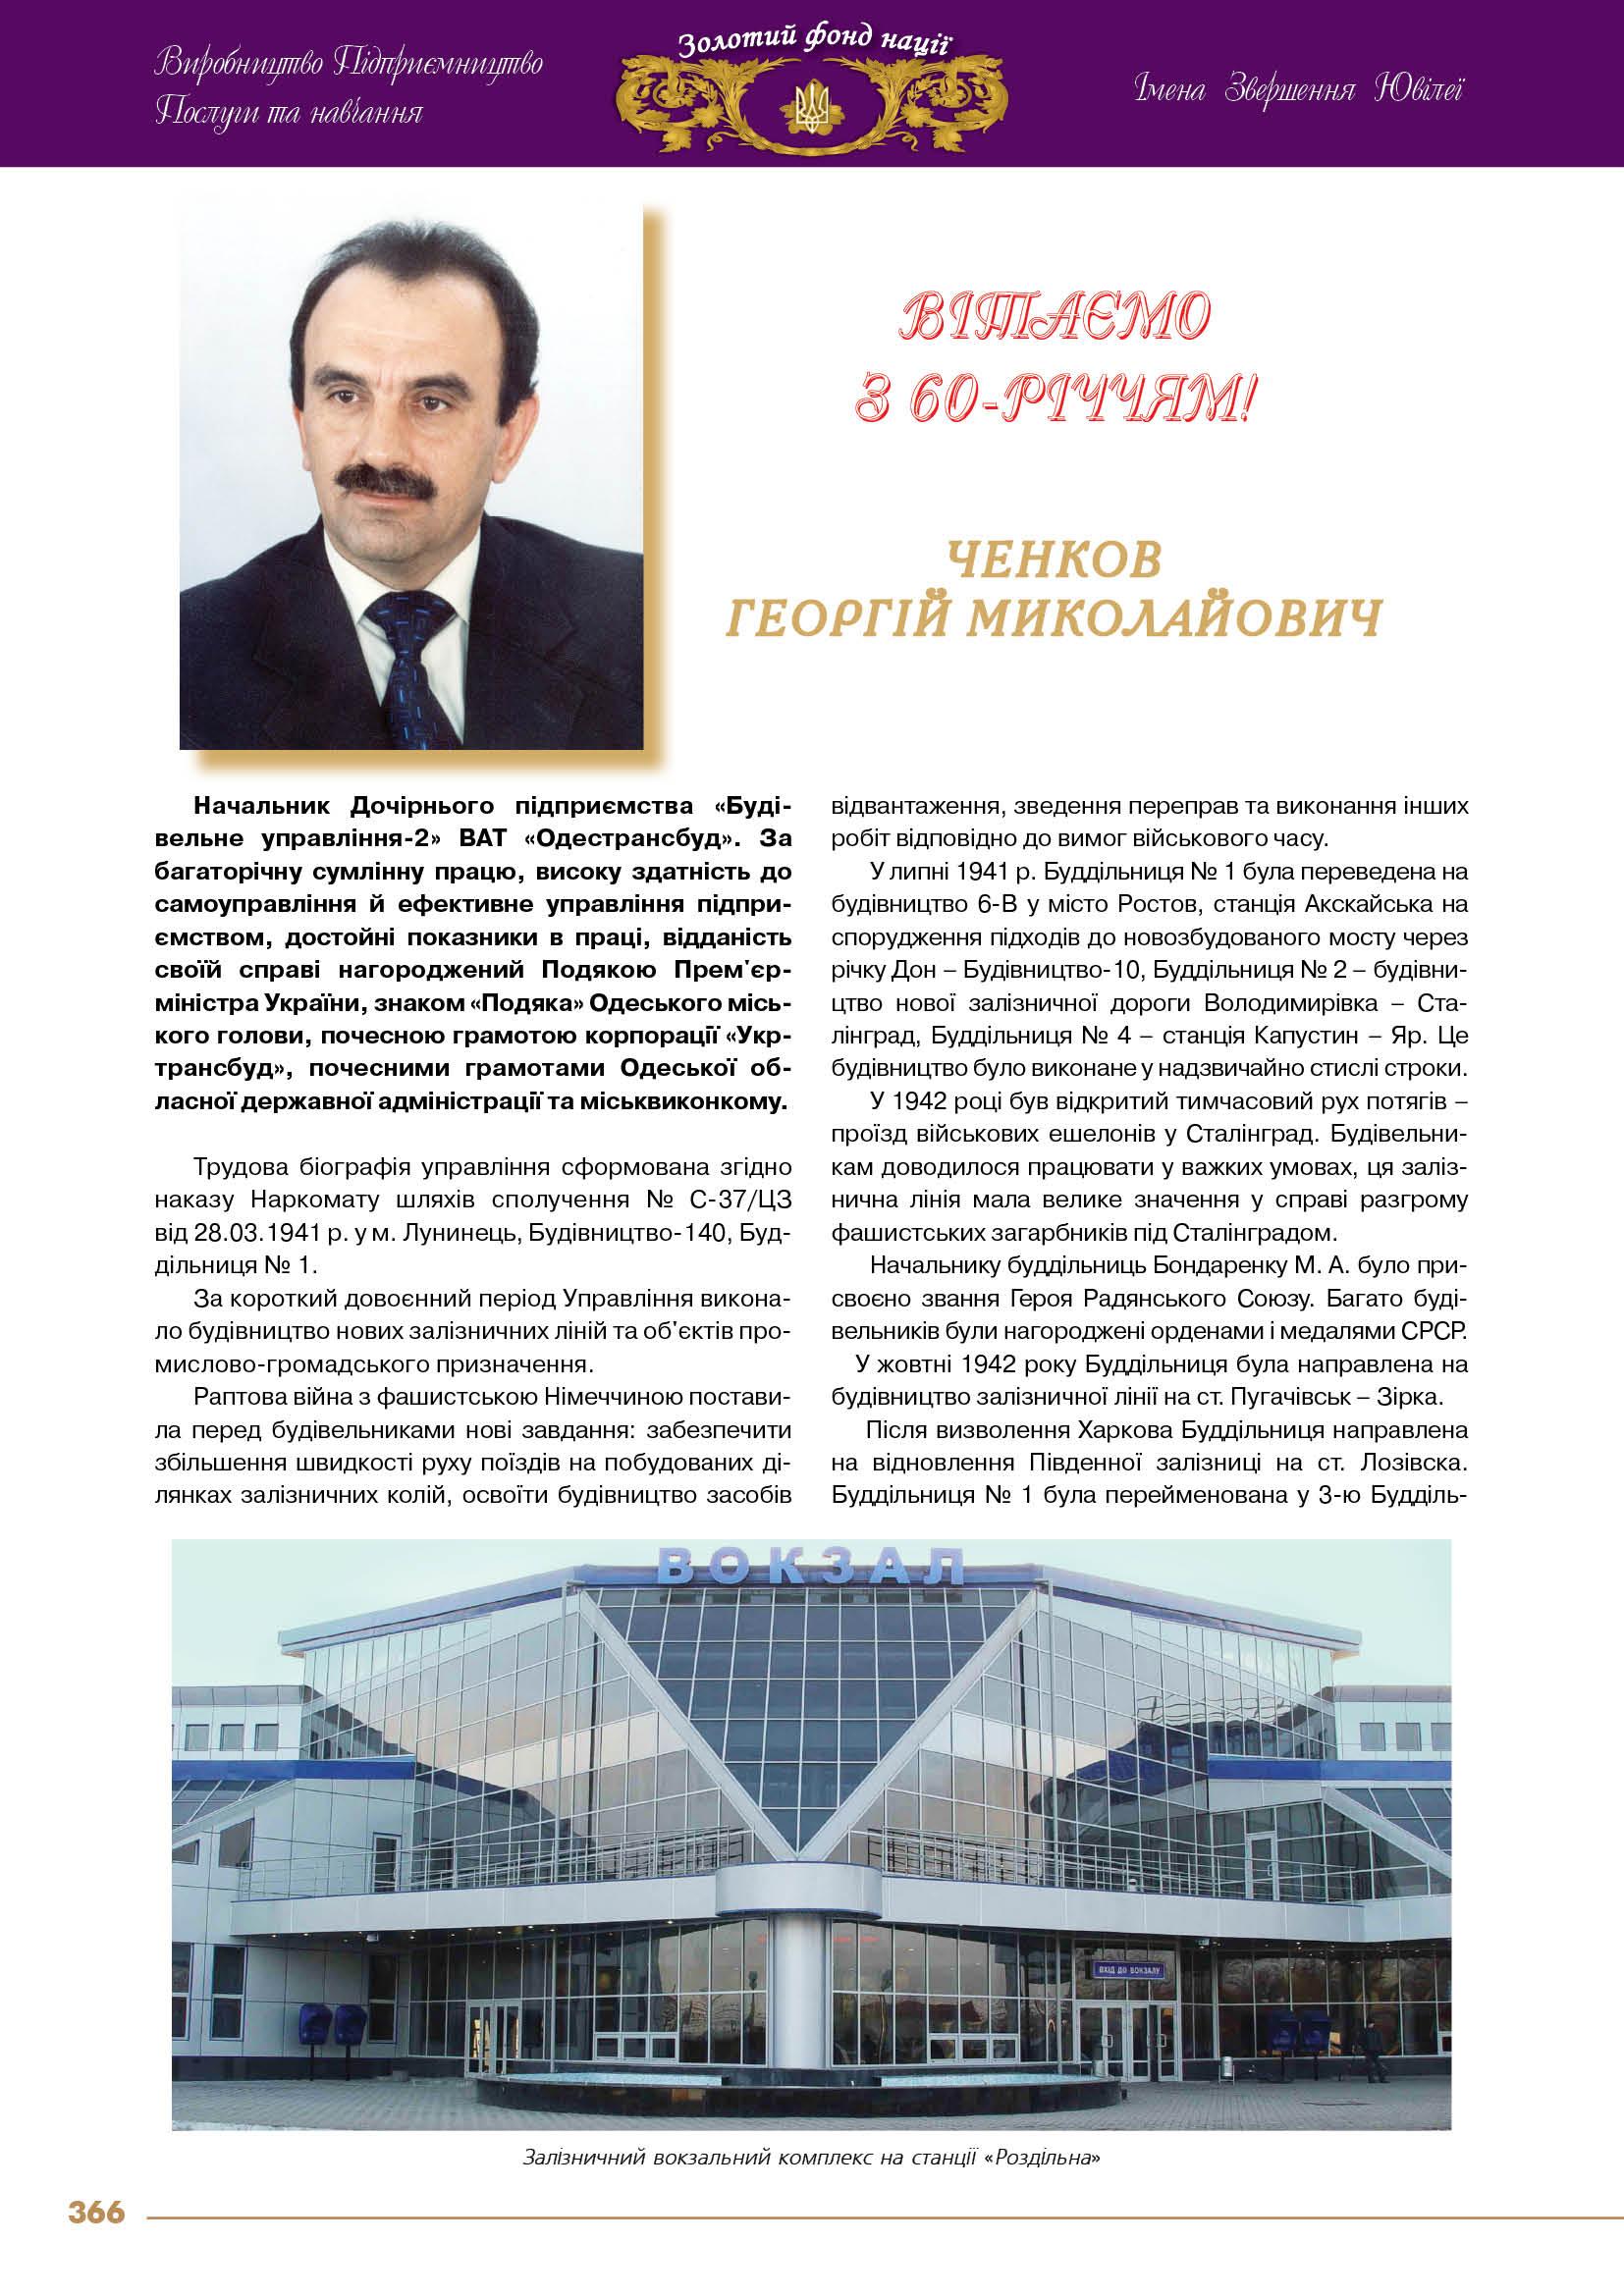 Ченков Георгій Миколайович